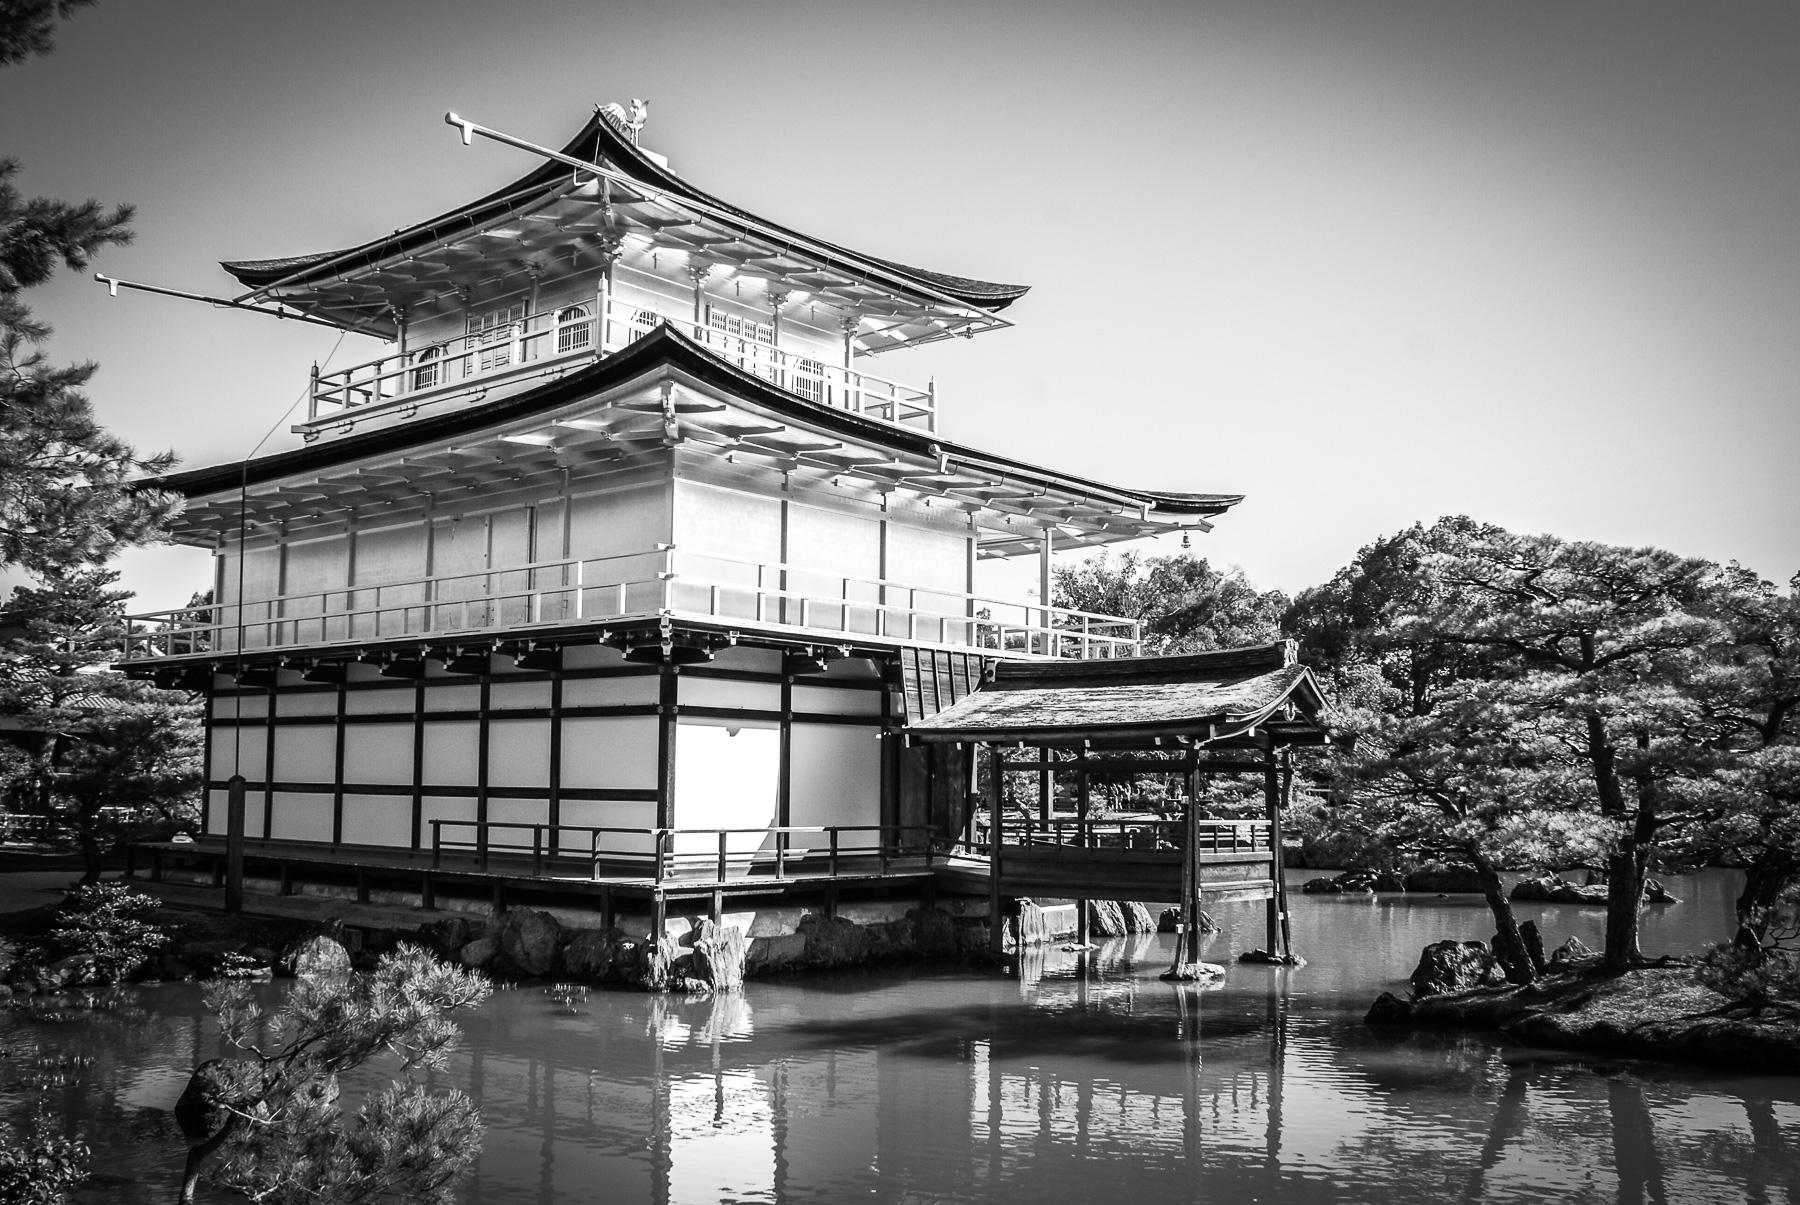 Le pavillon d'or de Rokuon-ji à Kyoto, entouré d'eau et de verdure.